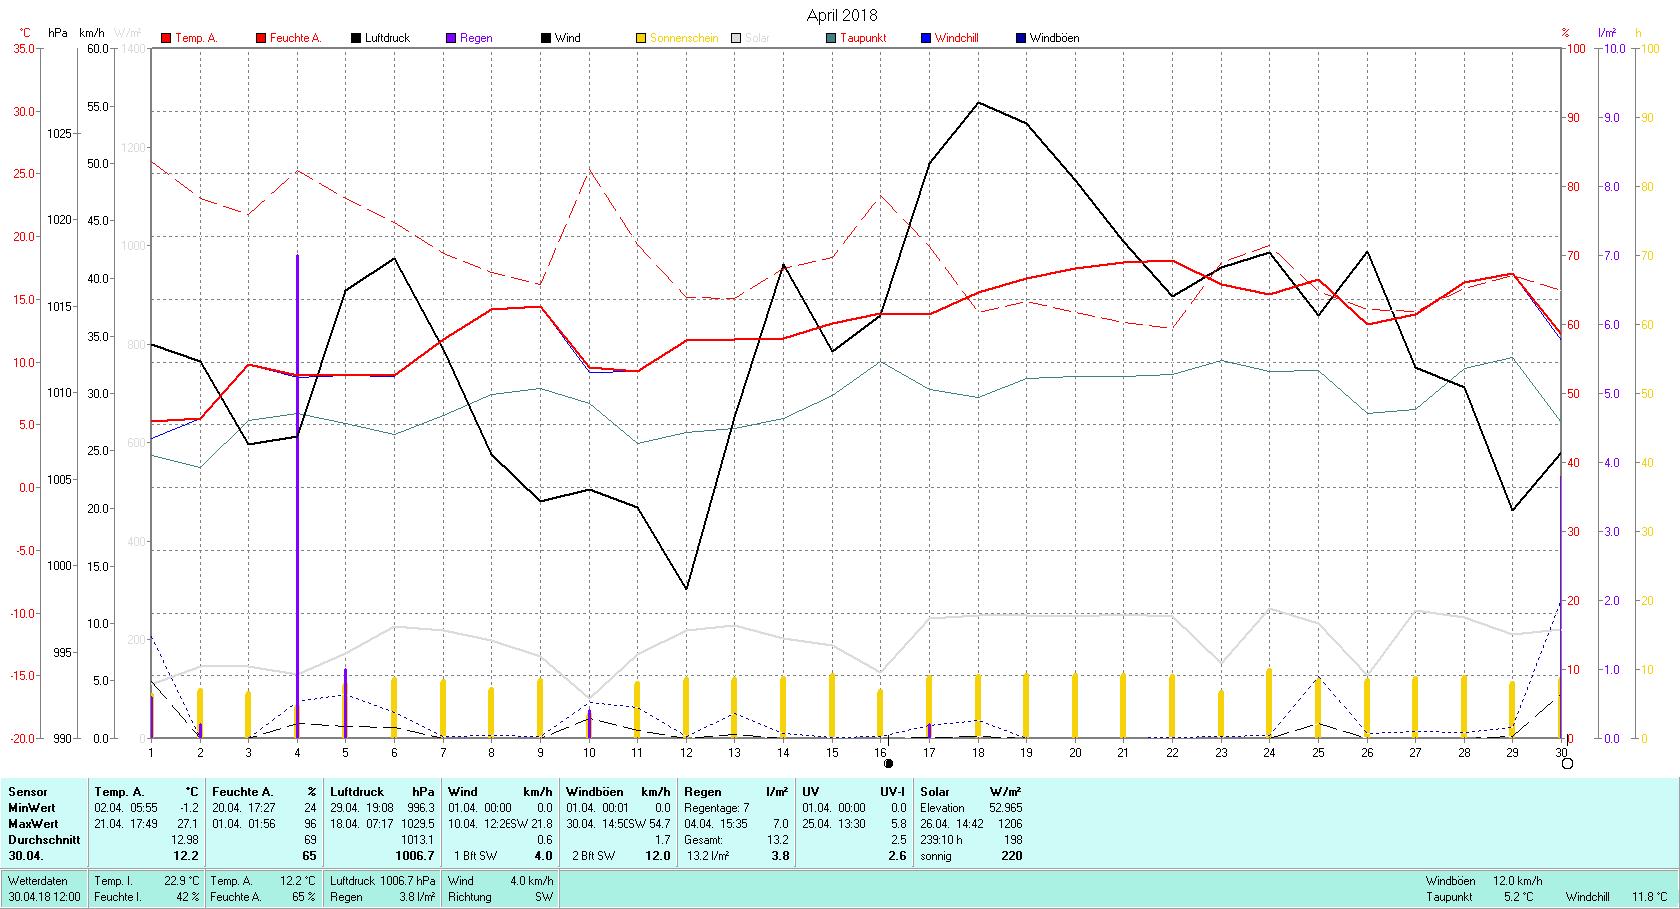 April 2018 Tmin -1.2°C, Tmax 27.1°C, Sonne 239:10 h, Niederschlag 13.2mm/2